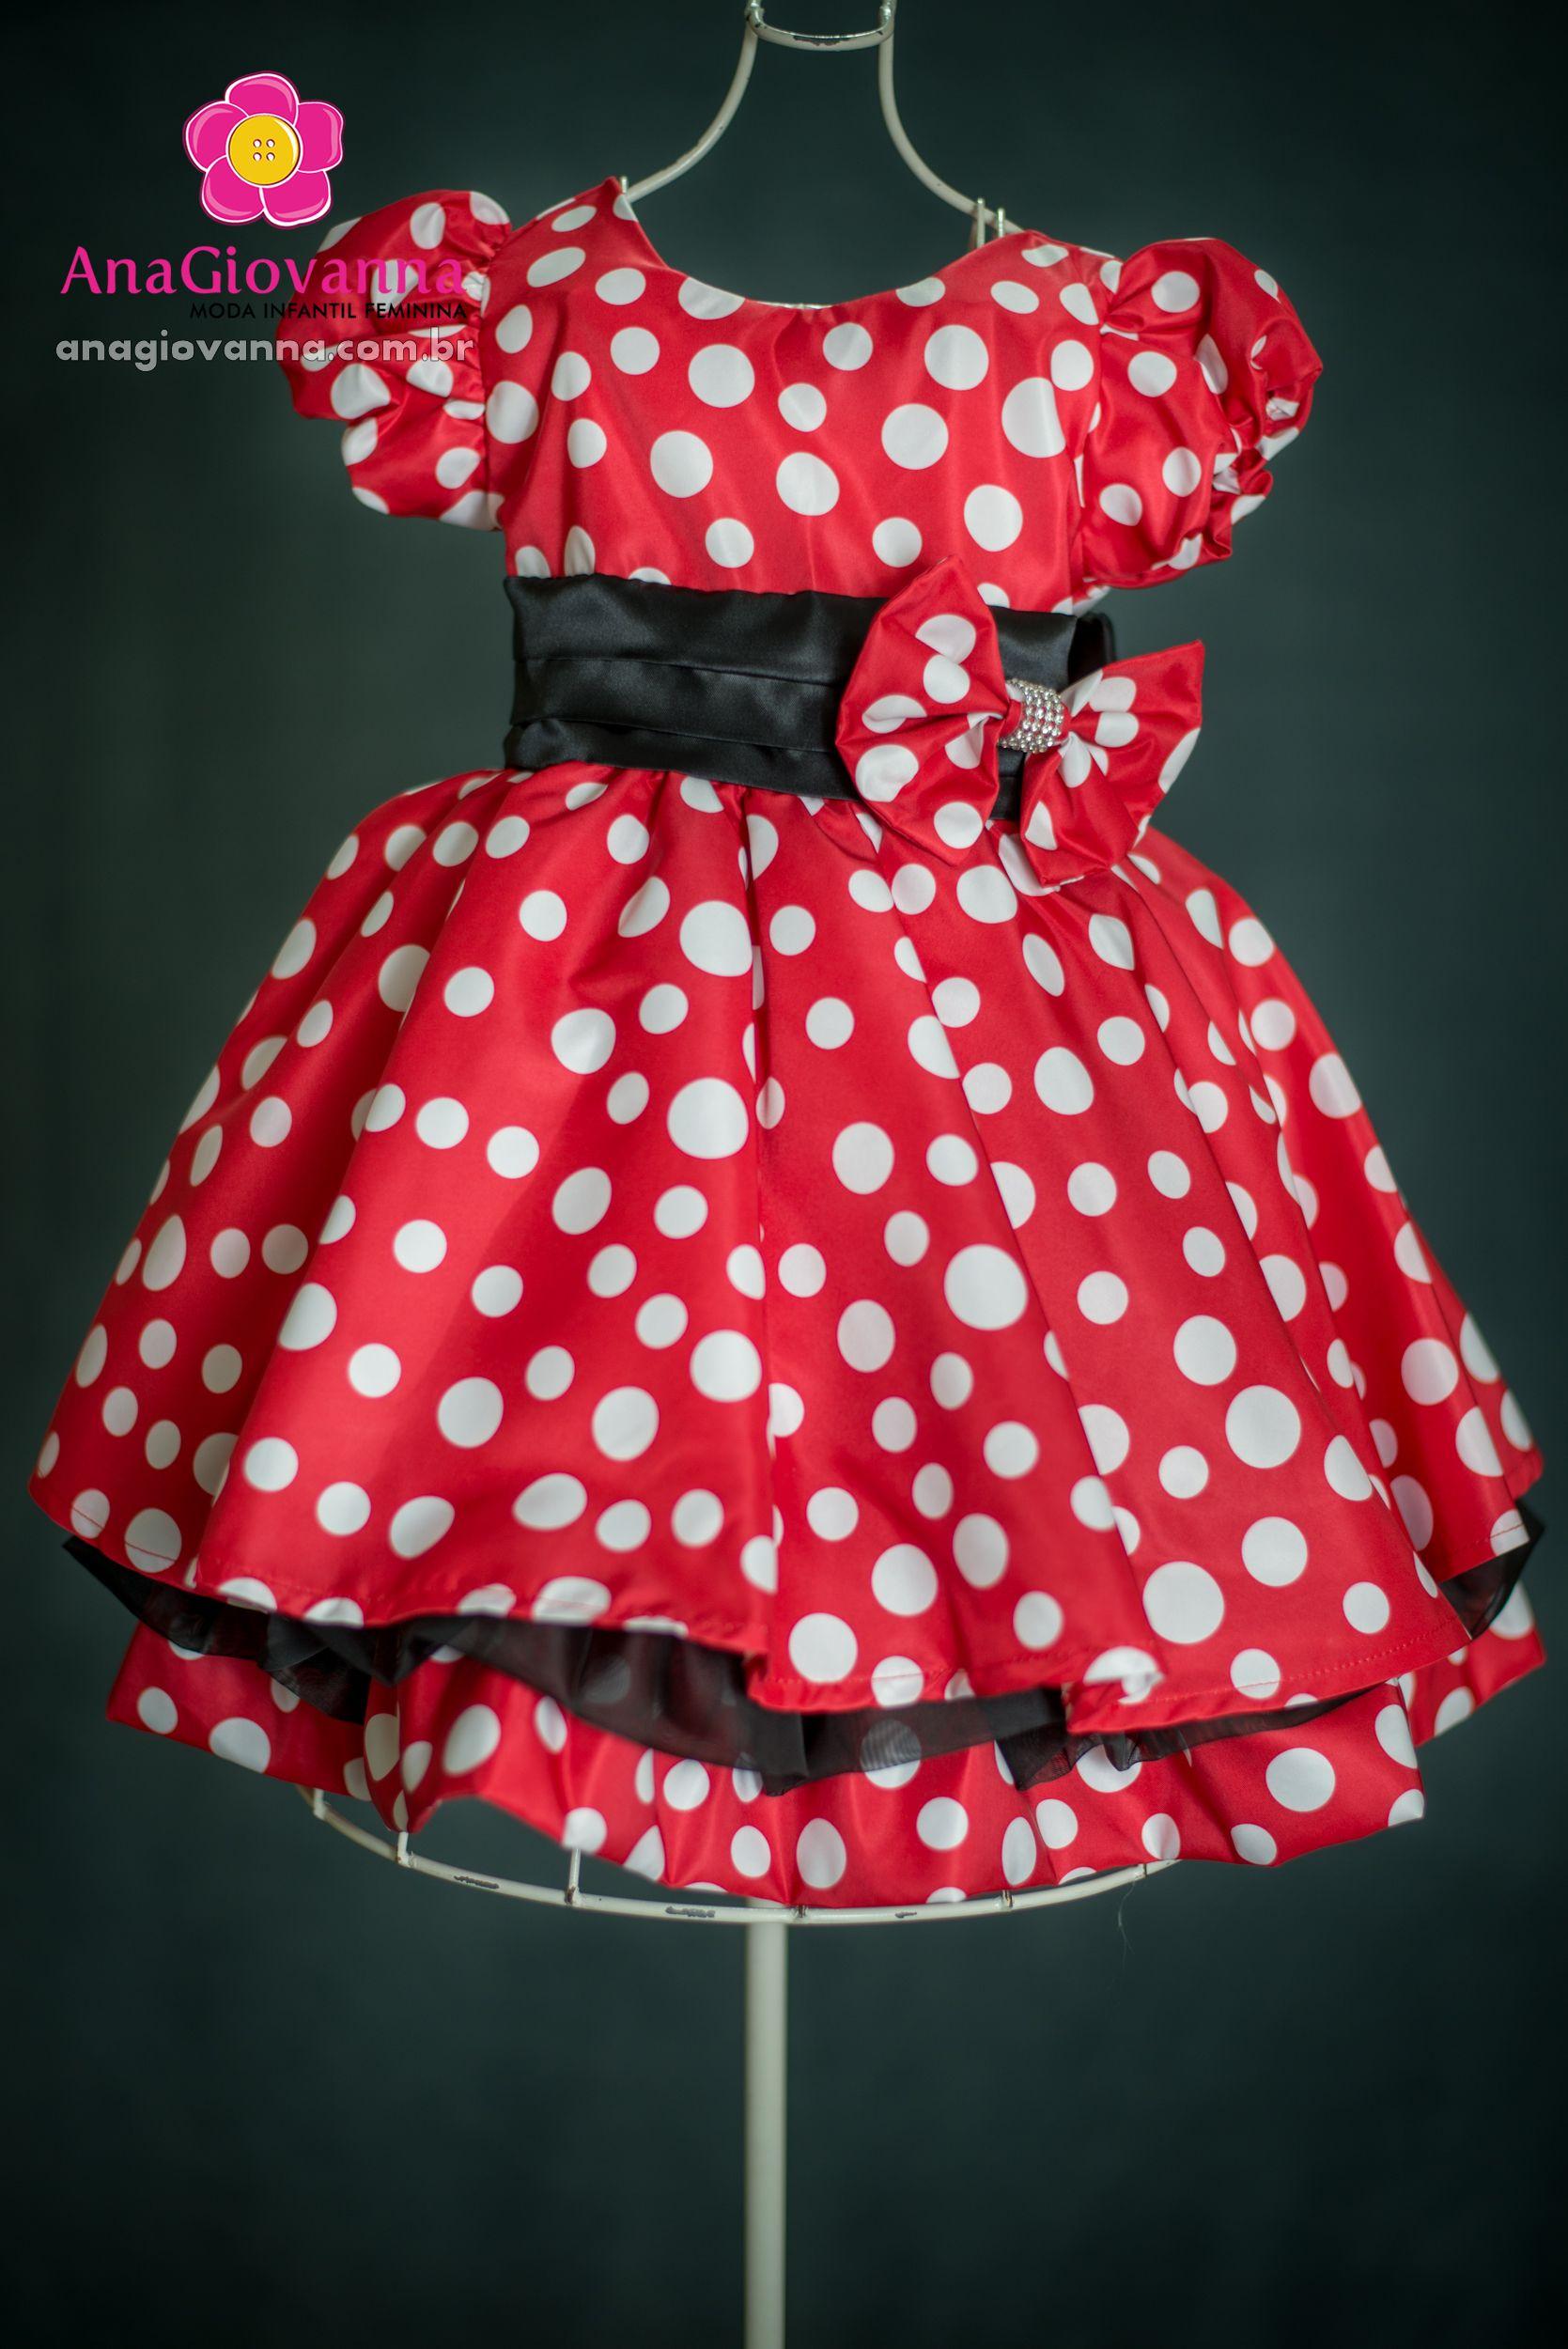 323656f9e47 O vestido Minnie Ana Giovanna para festa de aniversário infantil feminina  possui estampa em microfibra acetinada